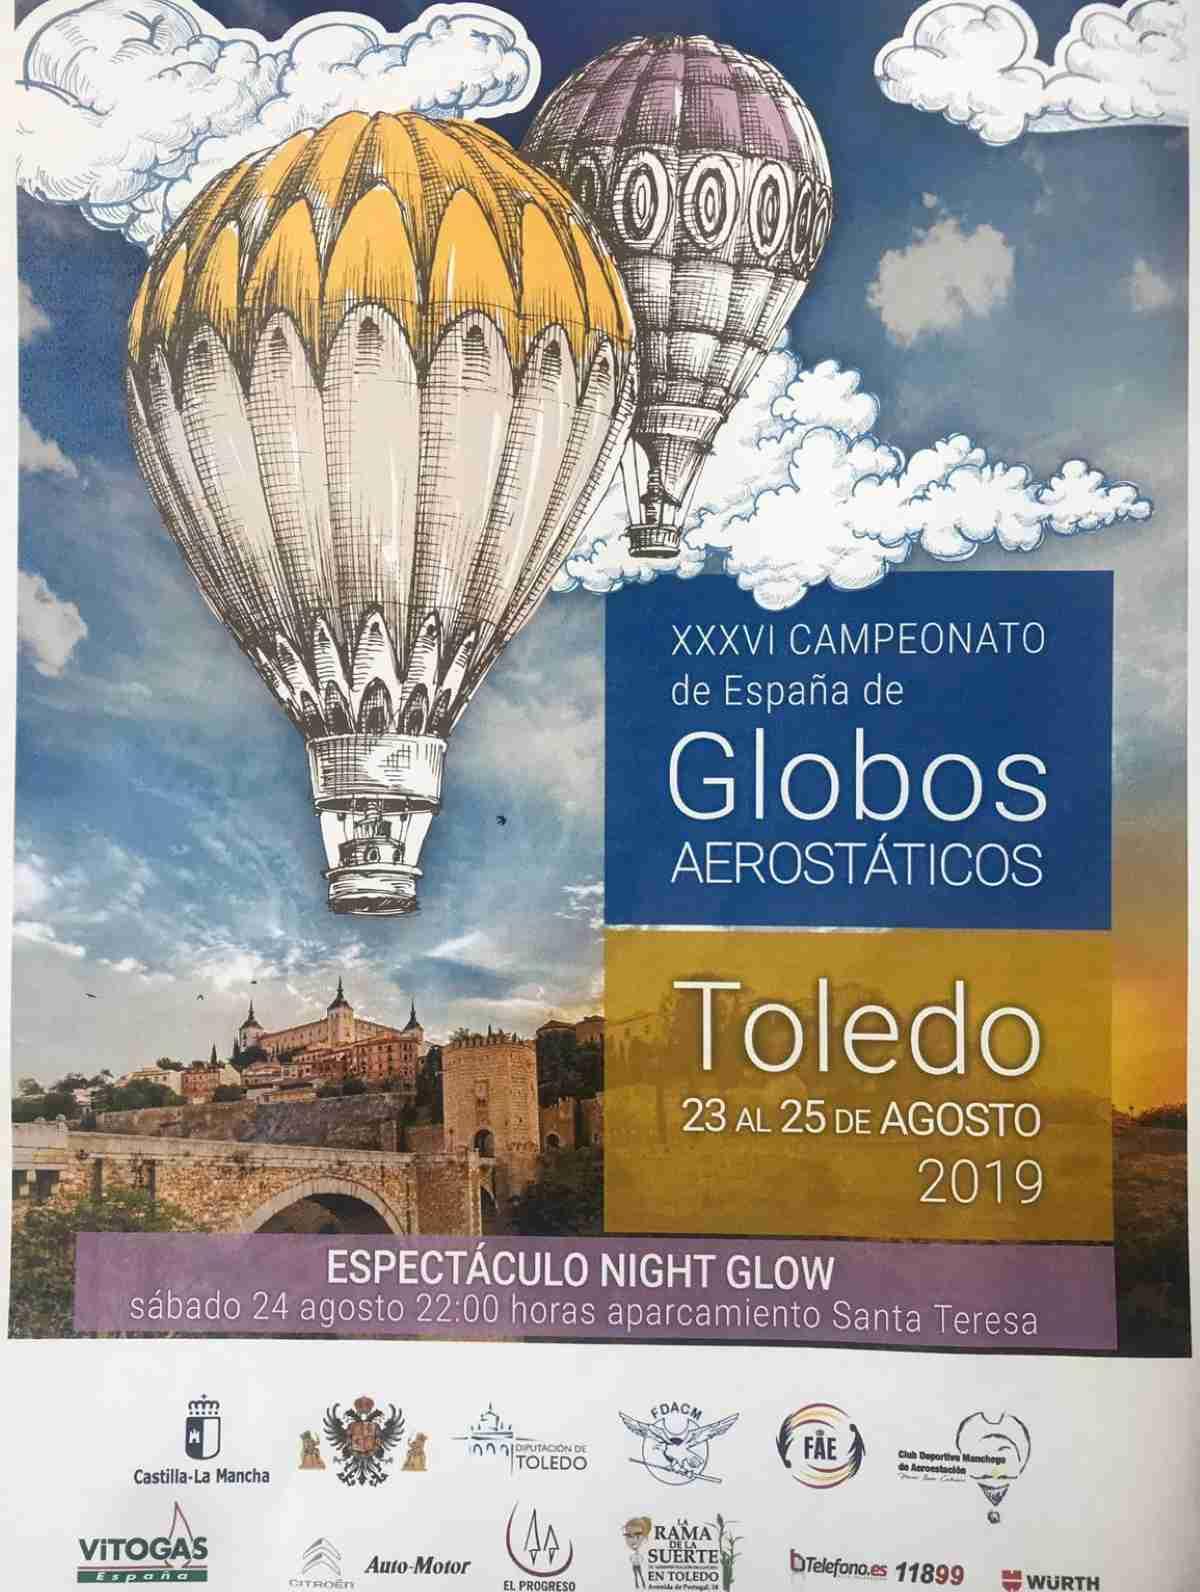 Viña Xétar Por Ellas patrocina el  36º Campeonato de España de Globos Aerostáticos que se celebrará este fin de semana en Toledo donde darán a conocer su espumoso solidario 1